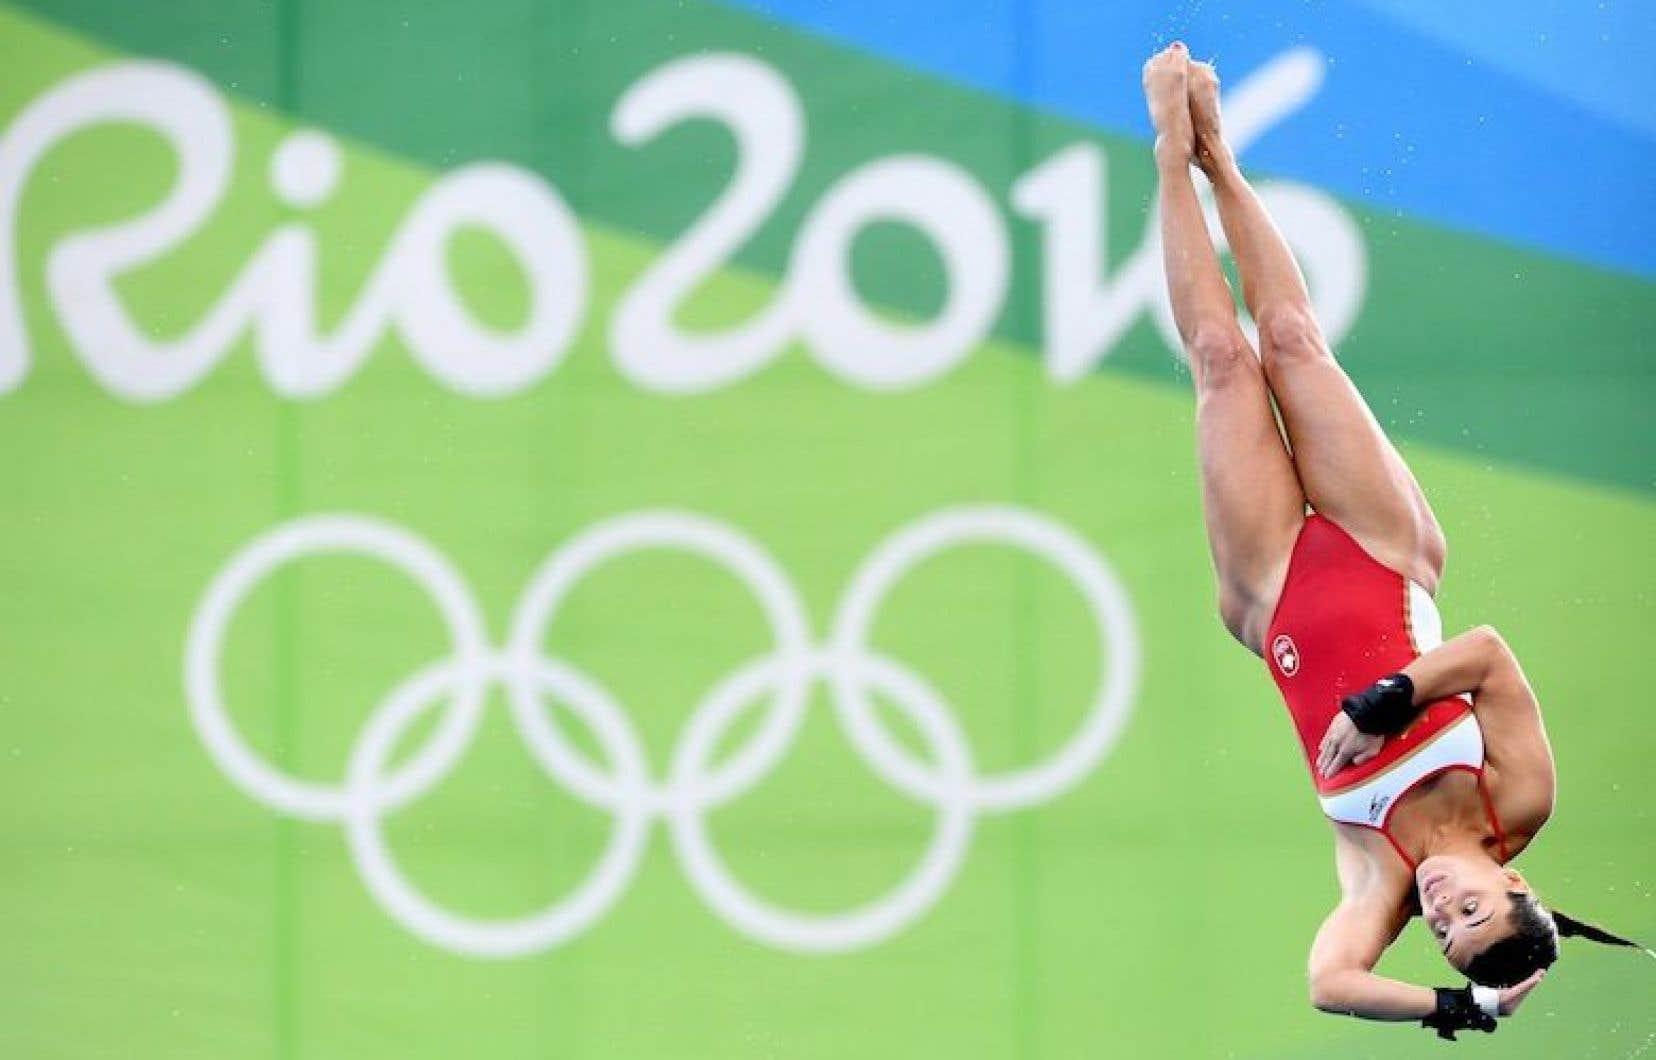 La plongeuse québécoise Meaghan Benfeito s'est mérité la médaille de bronze à la plateforme de 10 mètres aux Jeux olympiques de Rio.